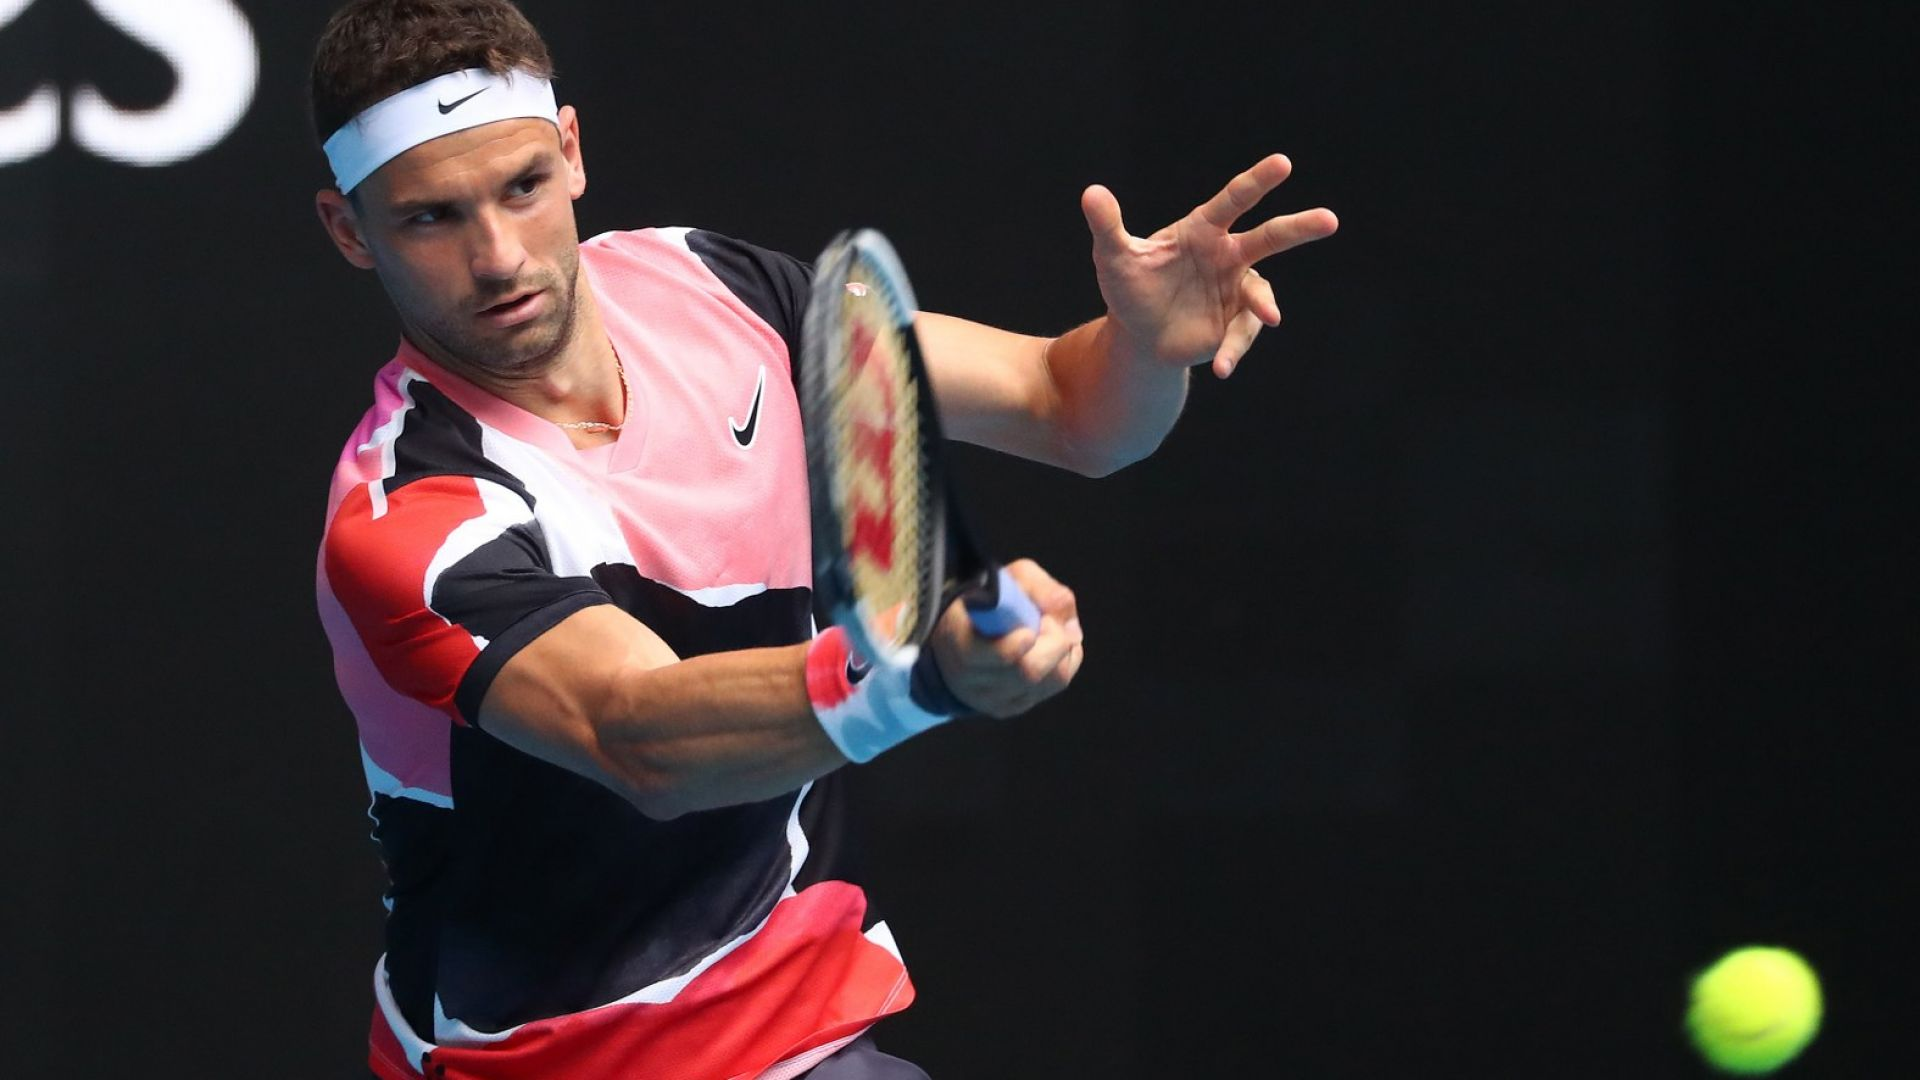 Тежък жребий за Григор и Цвети Пиронкова на Australian open, чакат ги шампиони от Шлема